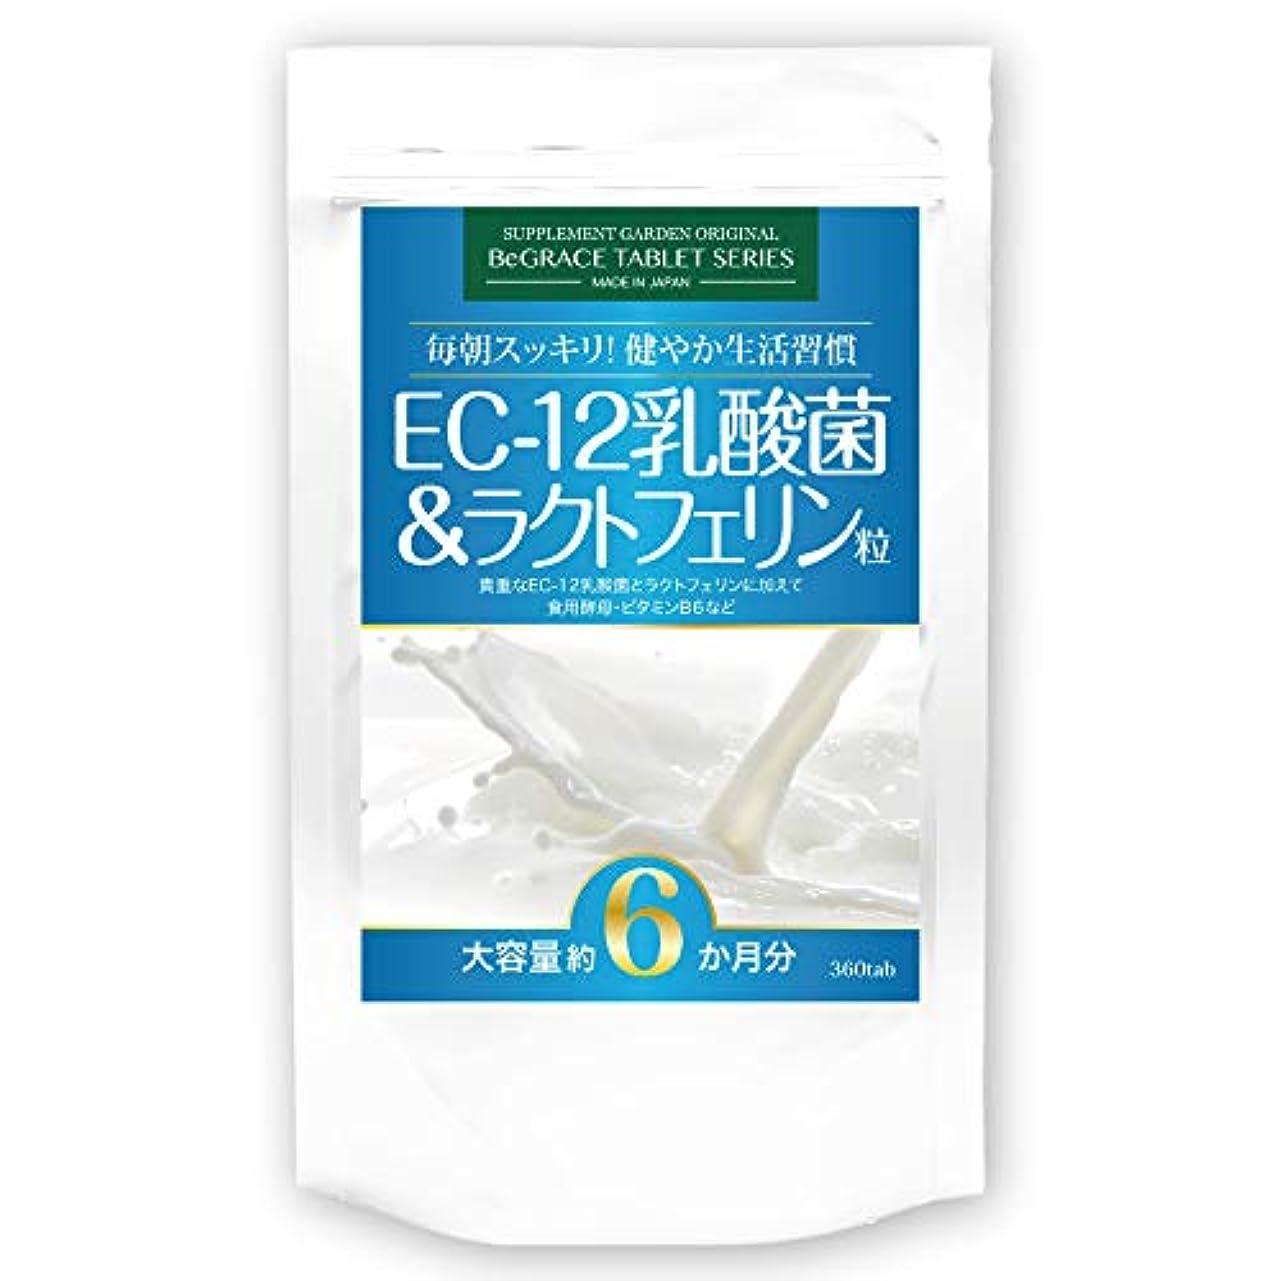 設置鉄道誤解させるEC-12乳酸菌&ラクトフェリン粒 大容量約6ヶ月分/360粒(EC-12乳酸菌、ラクトフェリン、ビール酵母、ホエイプロテイン、ビタミンB6)